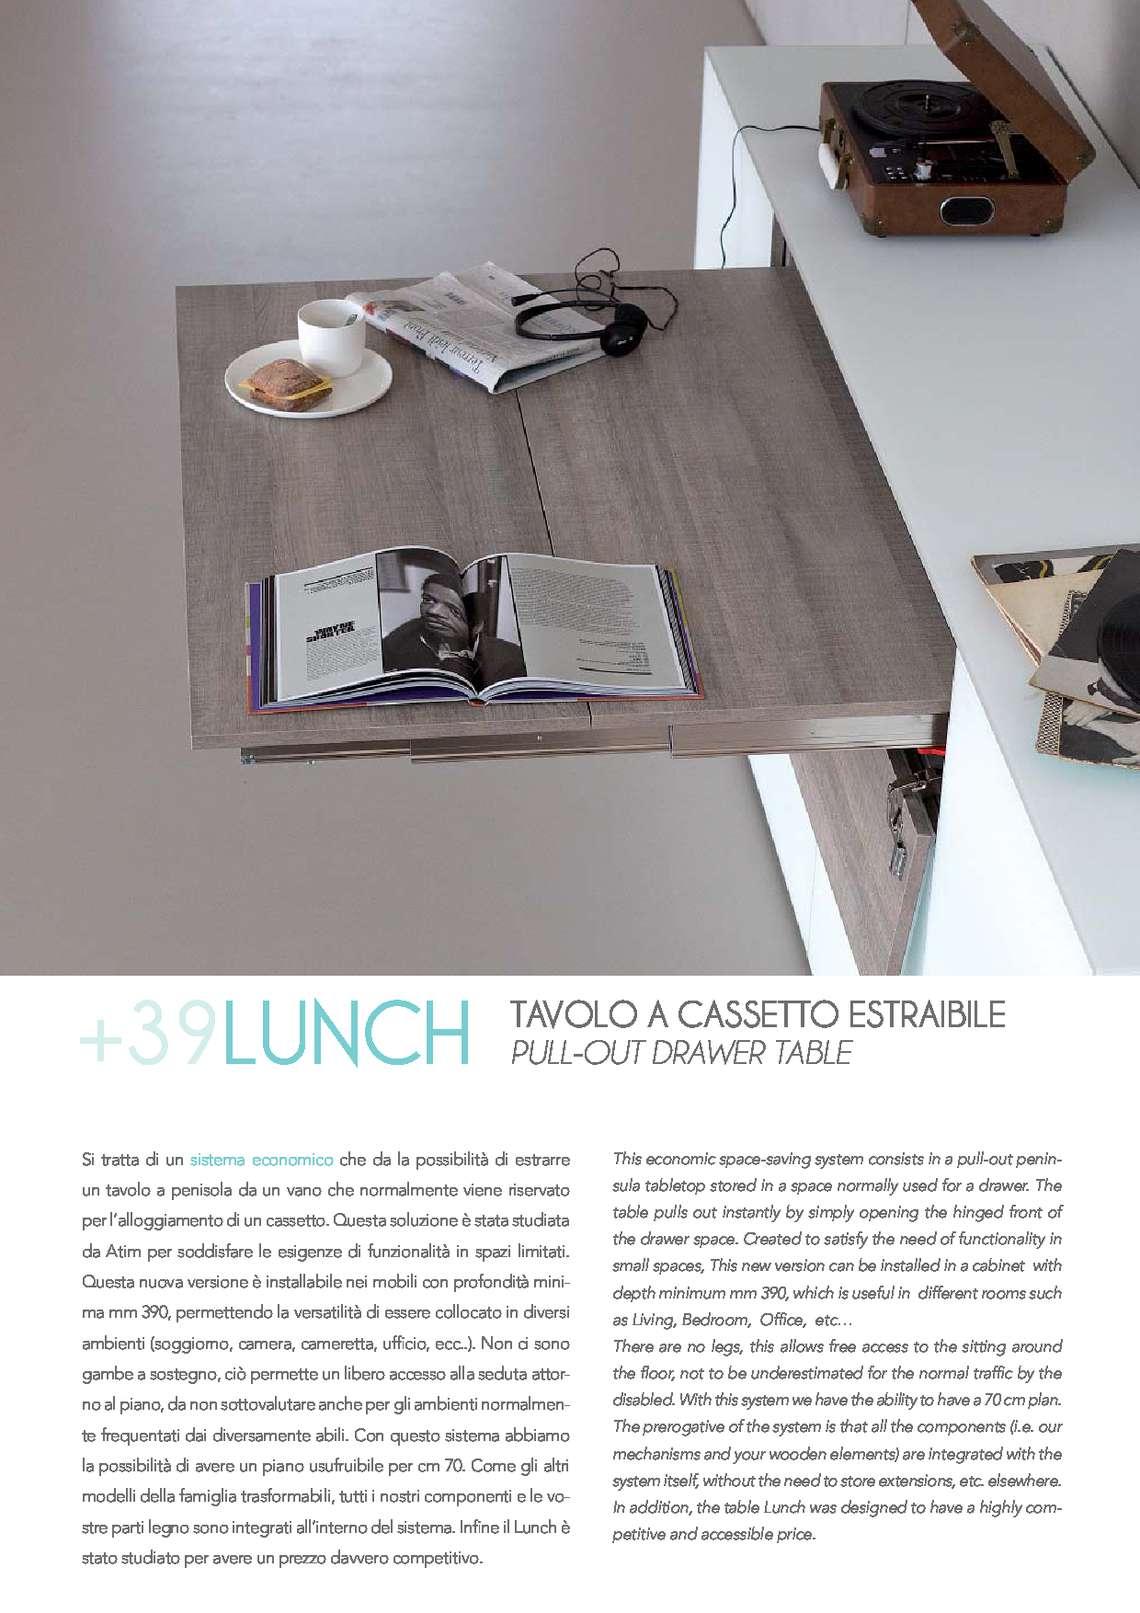 catalogo-trasformabili-atim_22_061.jpg